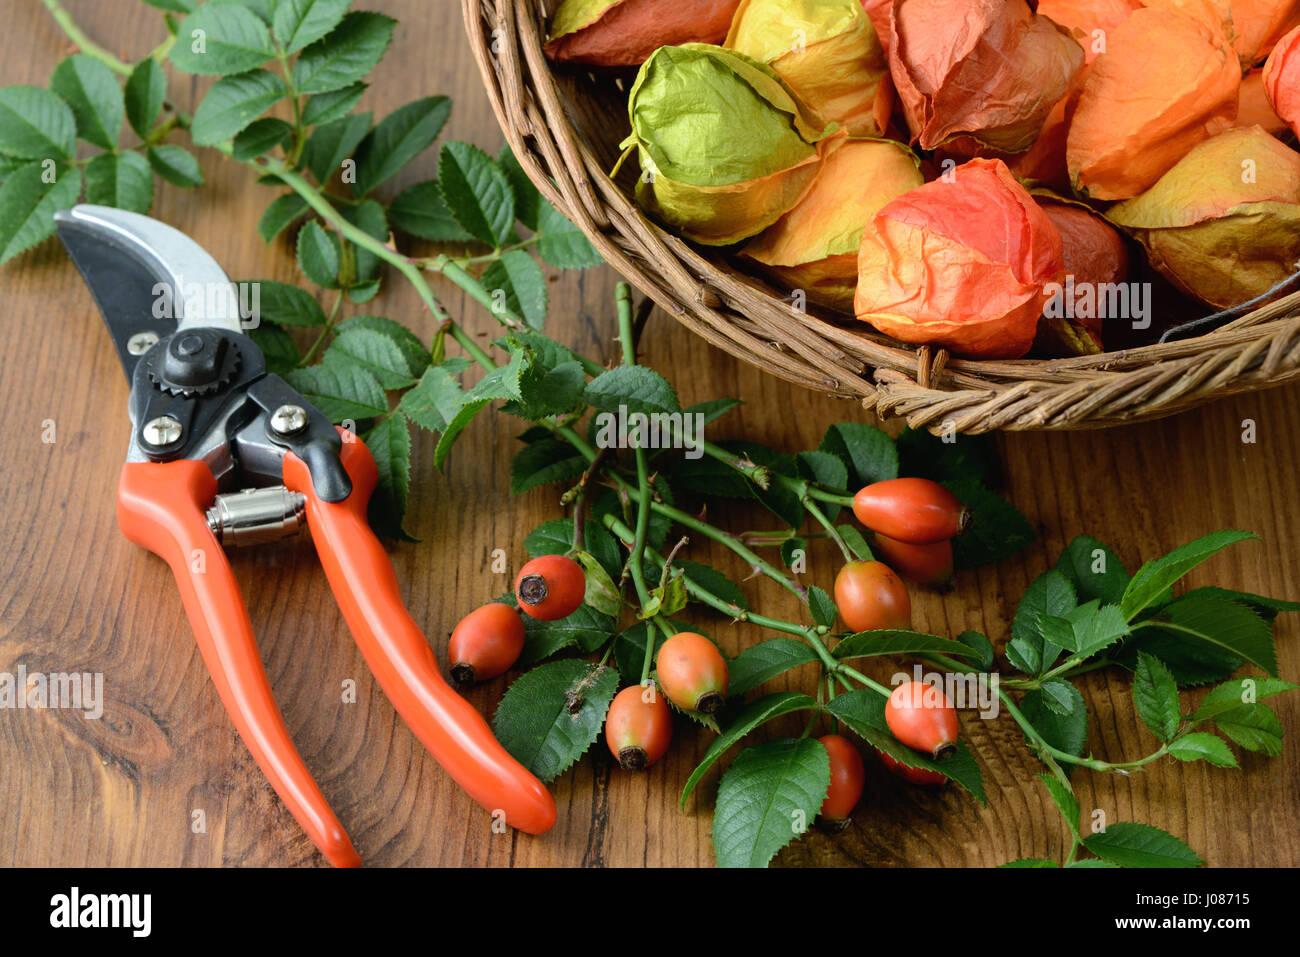 Herbst dekoration von hagebutten floristik stockfoto for Dekoration herbst